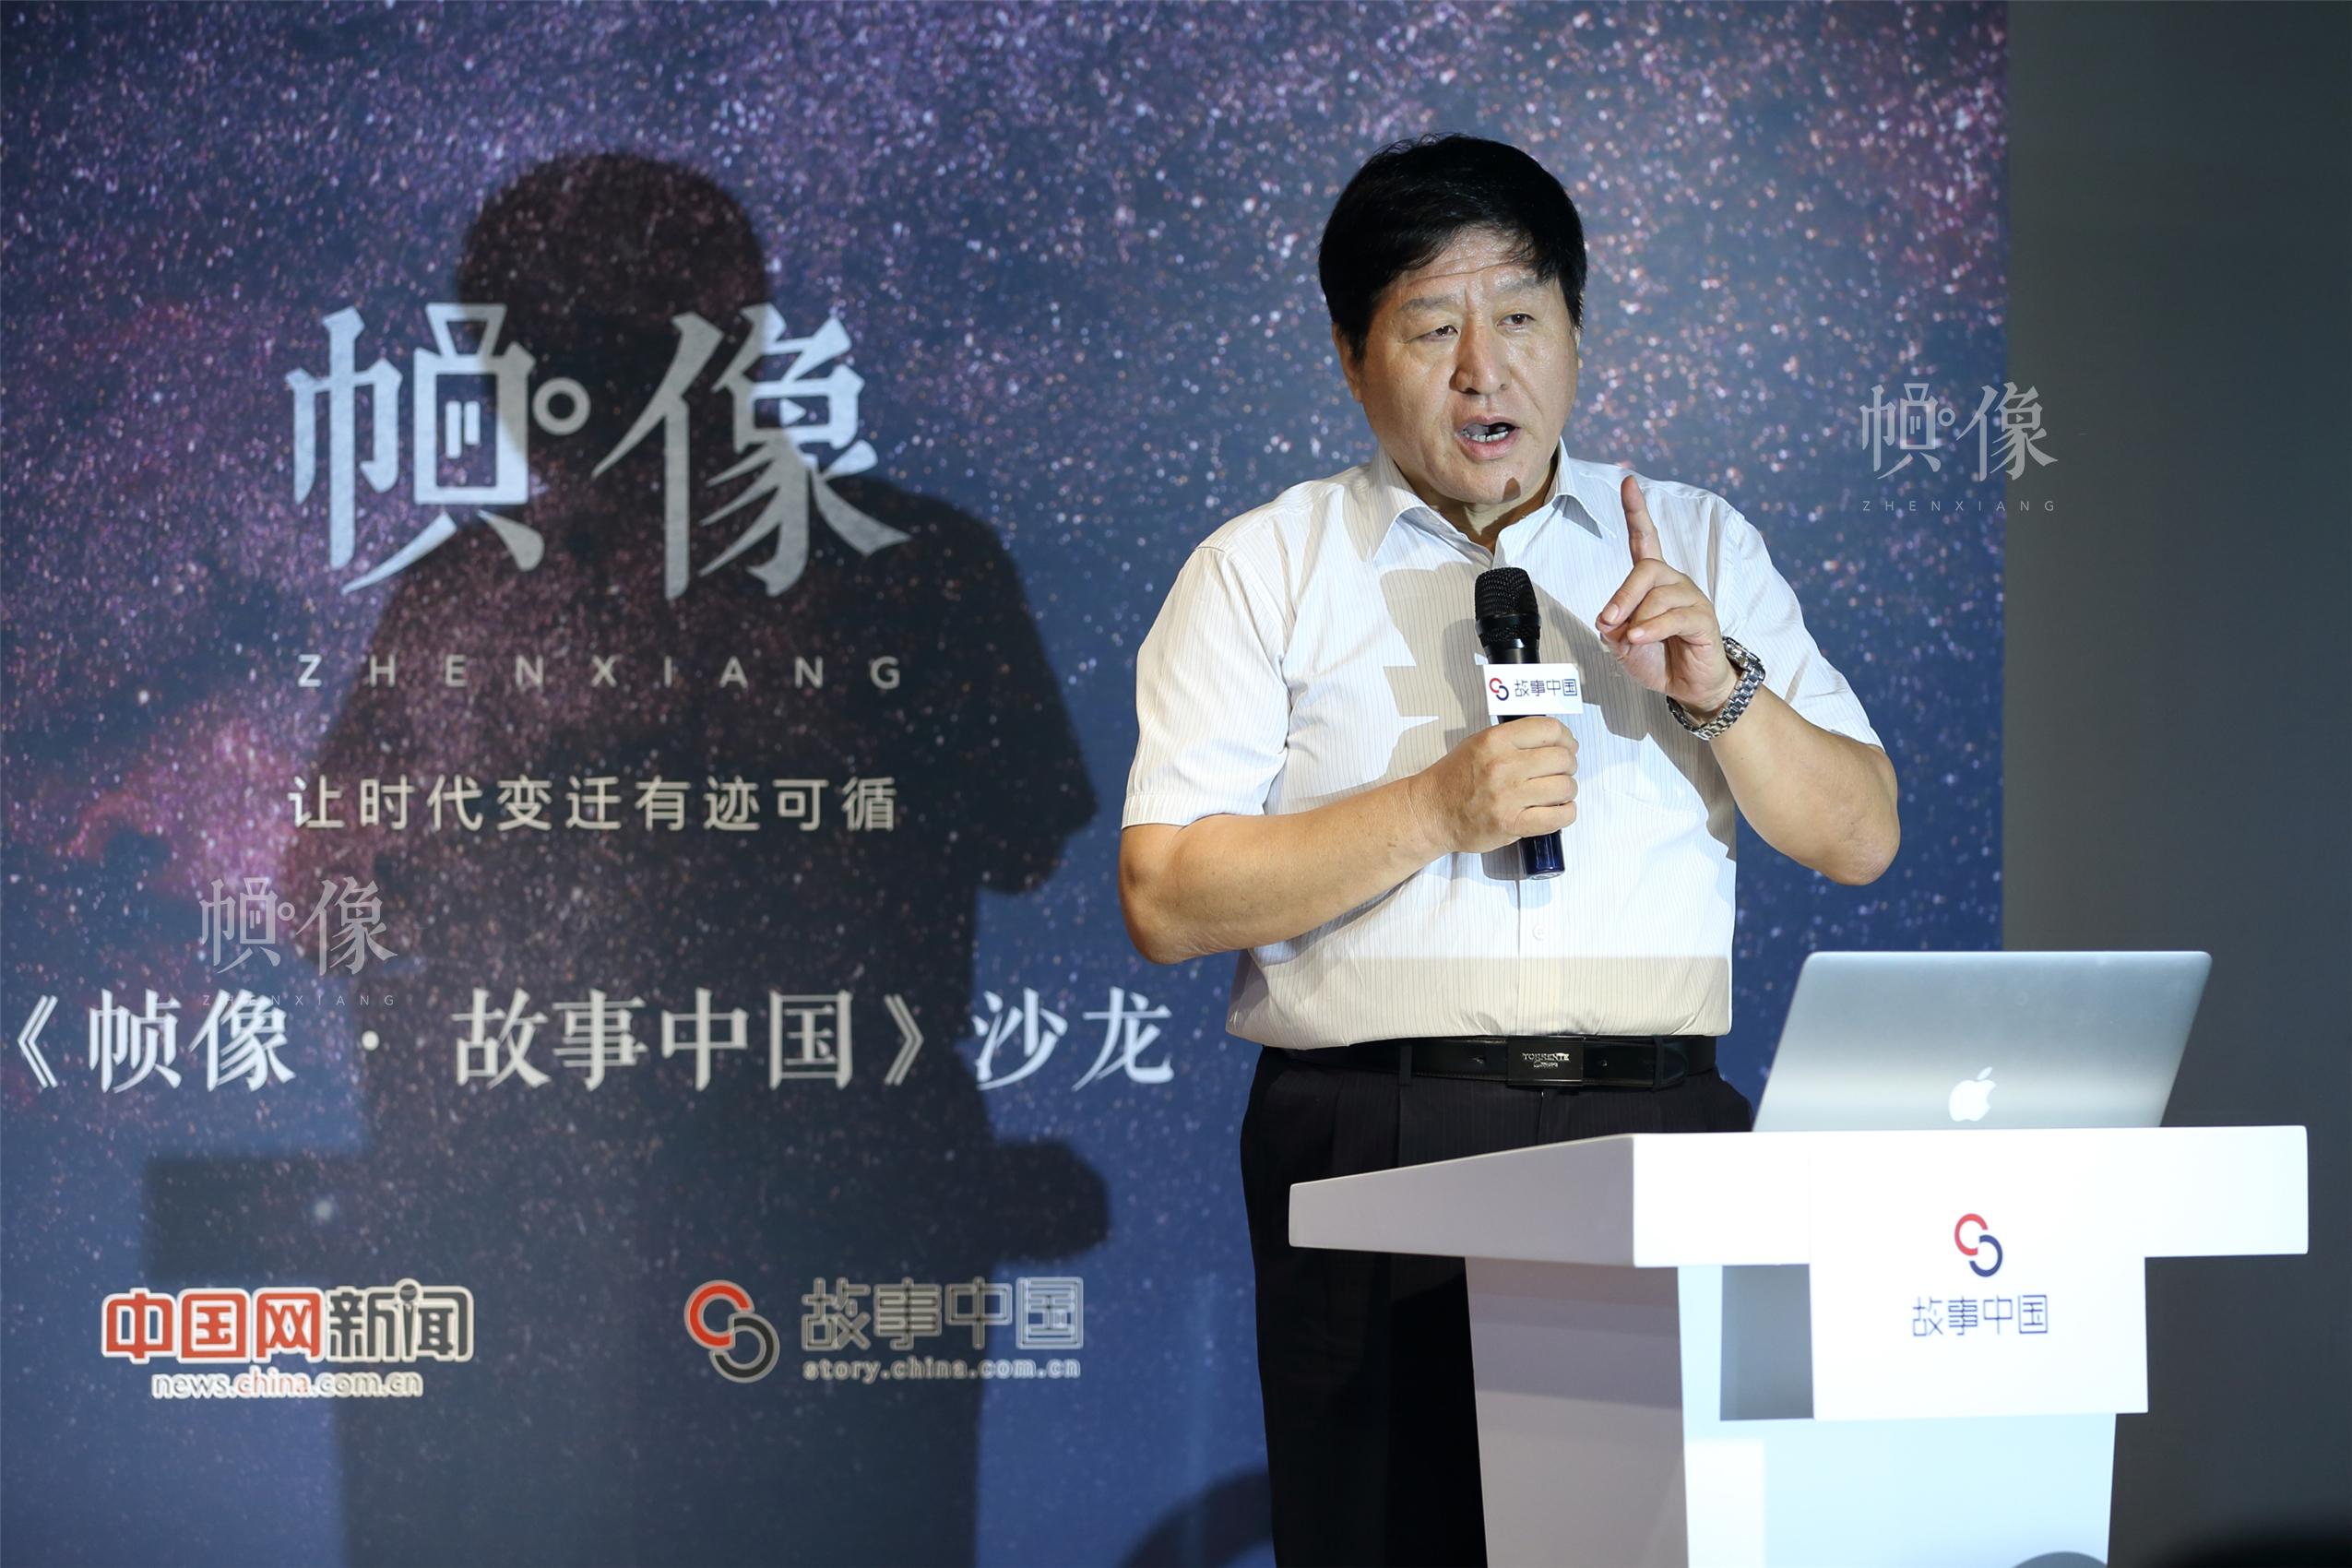 察哈尔学会秘书长、中国驻法国斯特拉斯堡总领馆前总领事张国斌分享经历。中国网记者 陈维松 摄